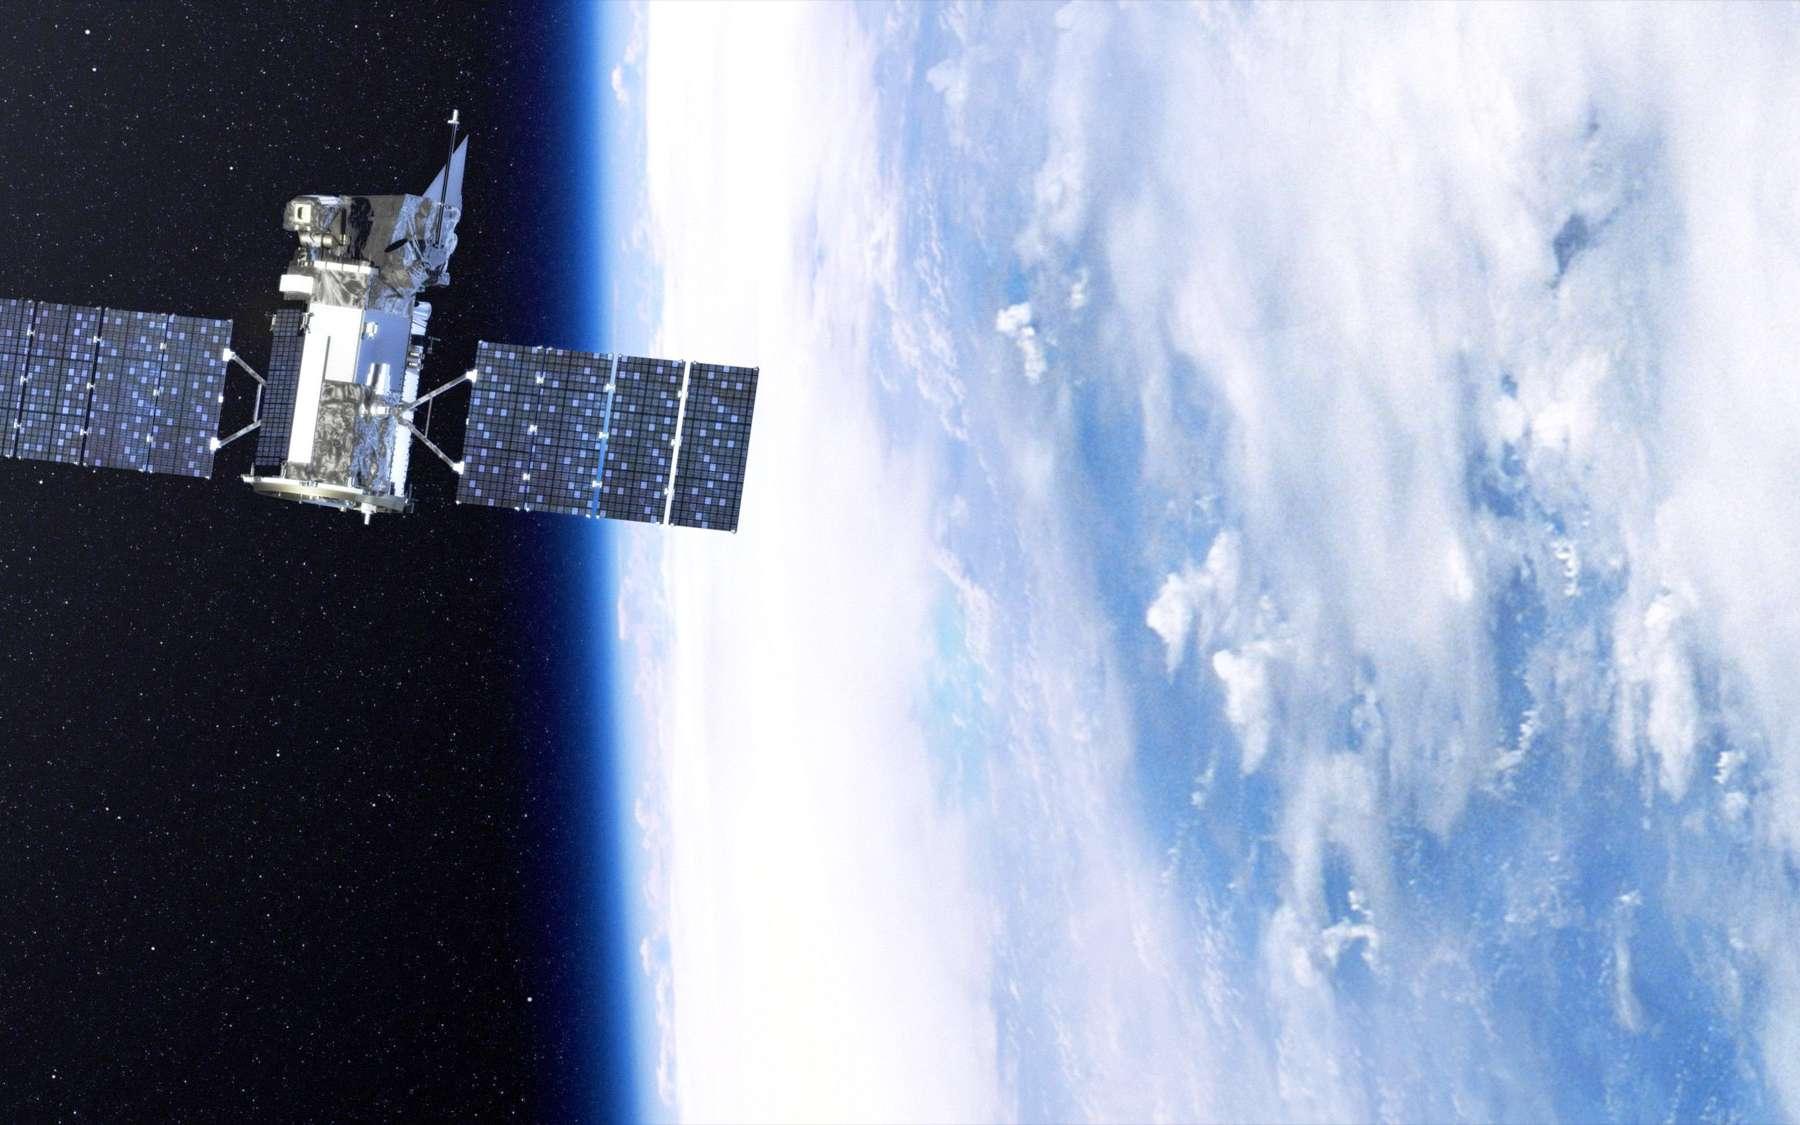 Comme la fusée Taurus XL, Glory a été construit par Orbital Science (autour de la plateforme LEOStar, déjà utilisée pour construire de nombreux satellites dont Galex, Sorce et AIM). © Nasa